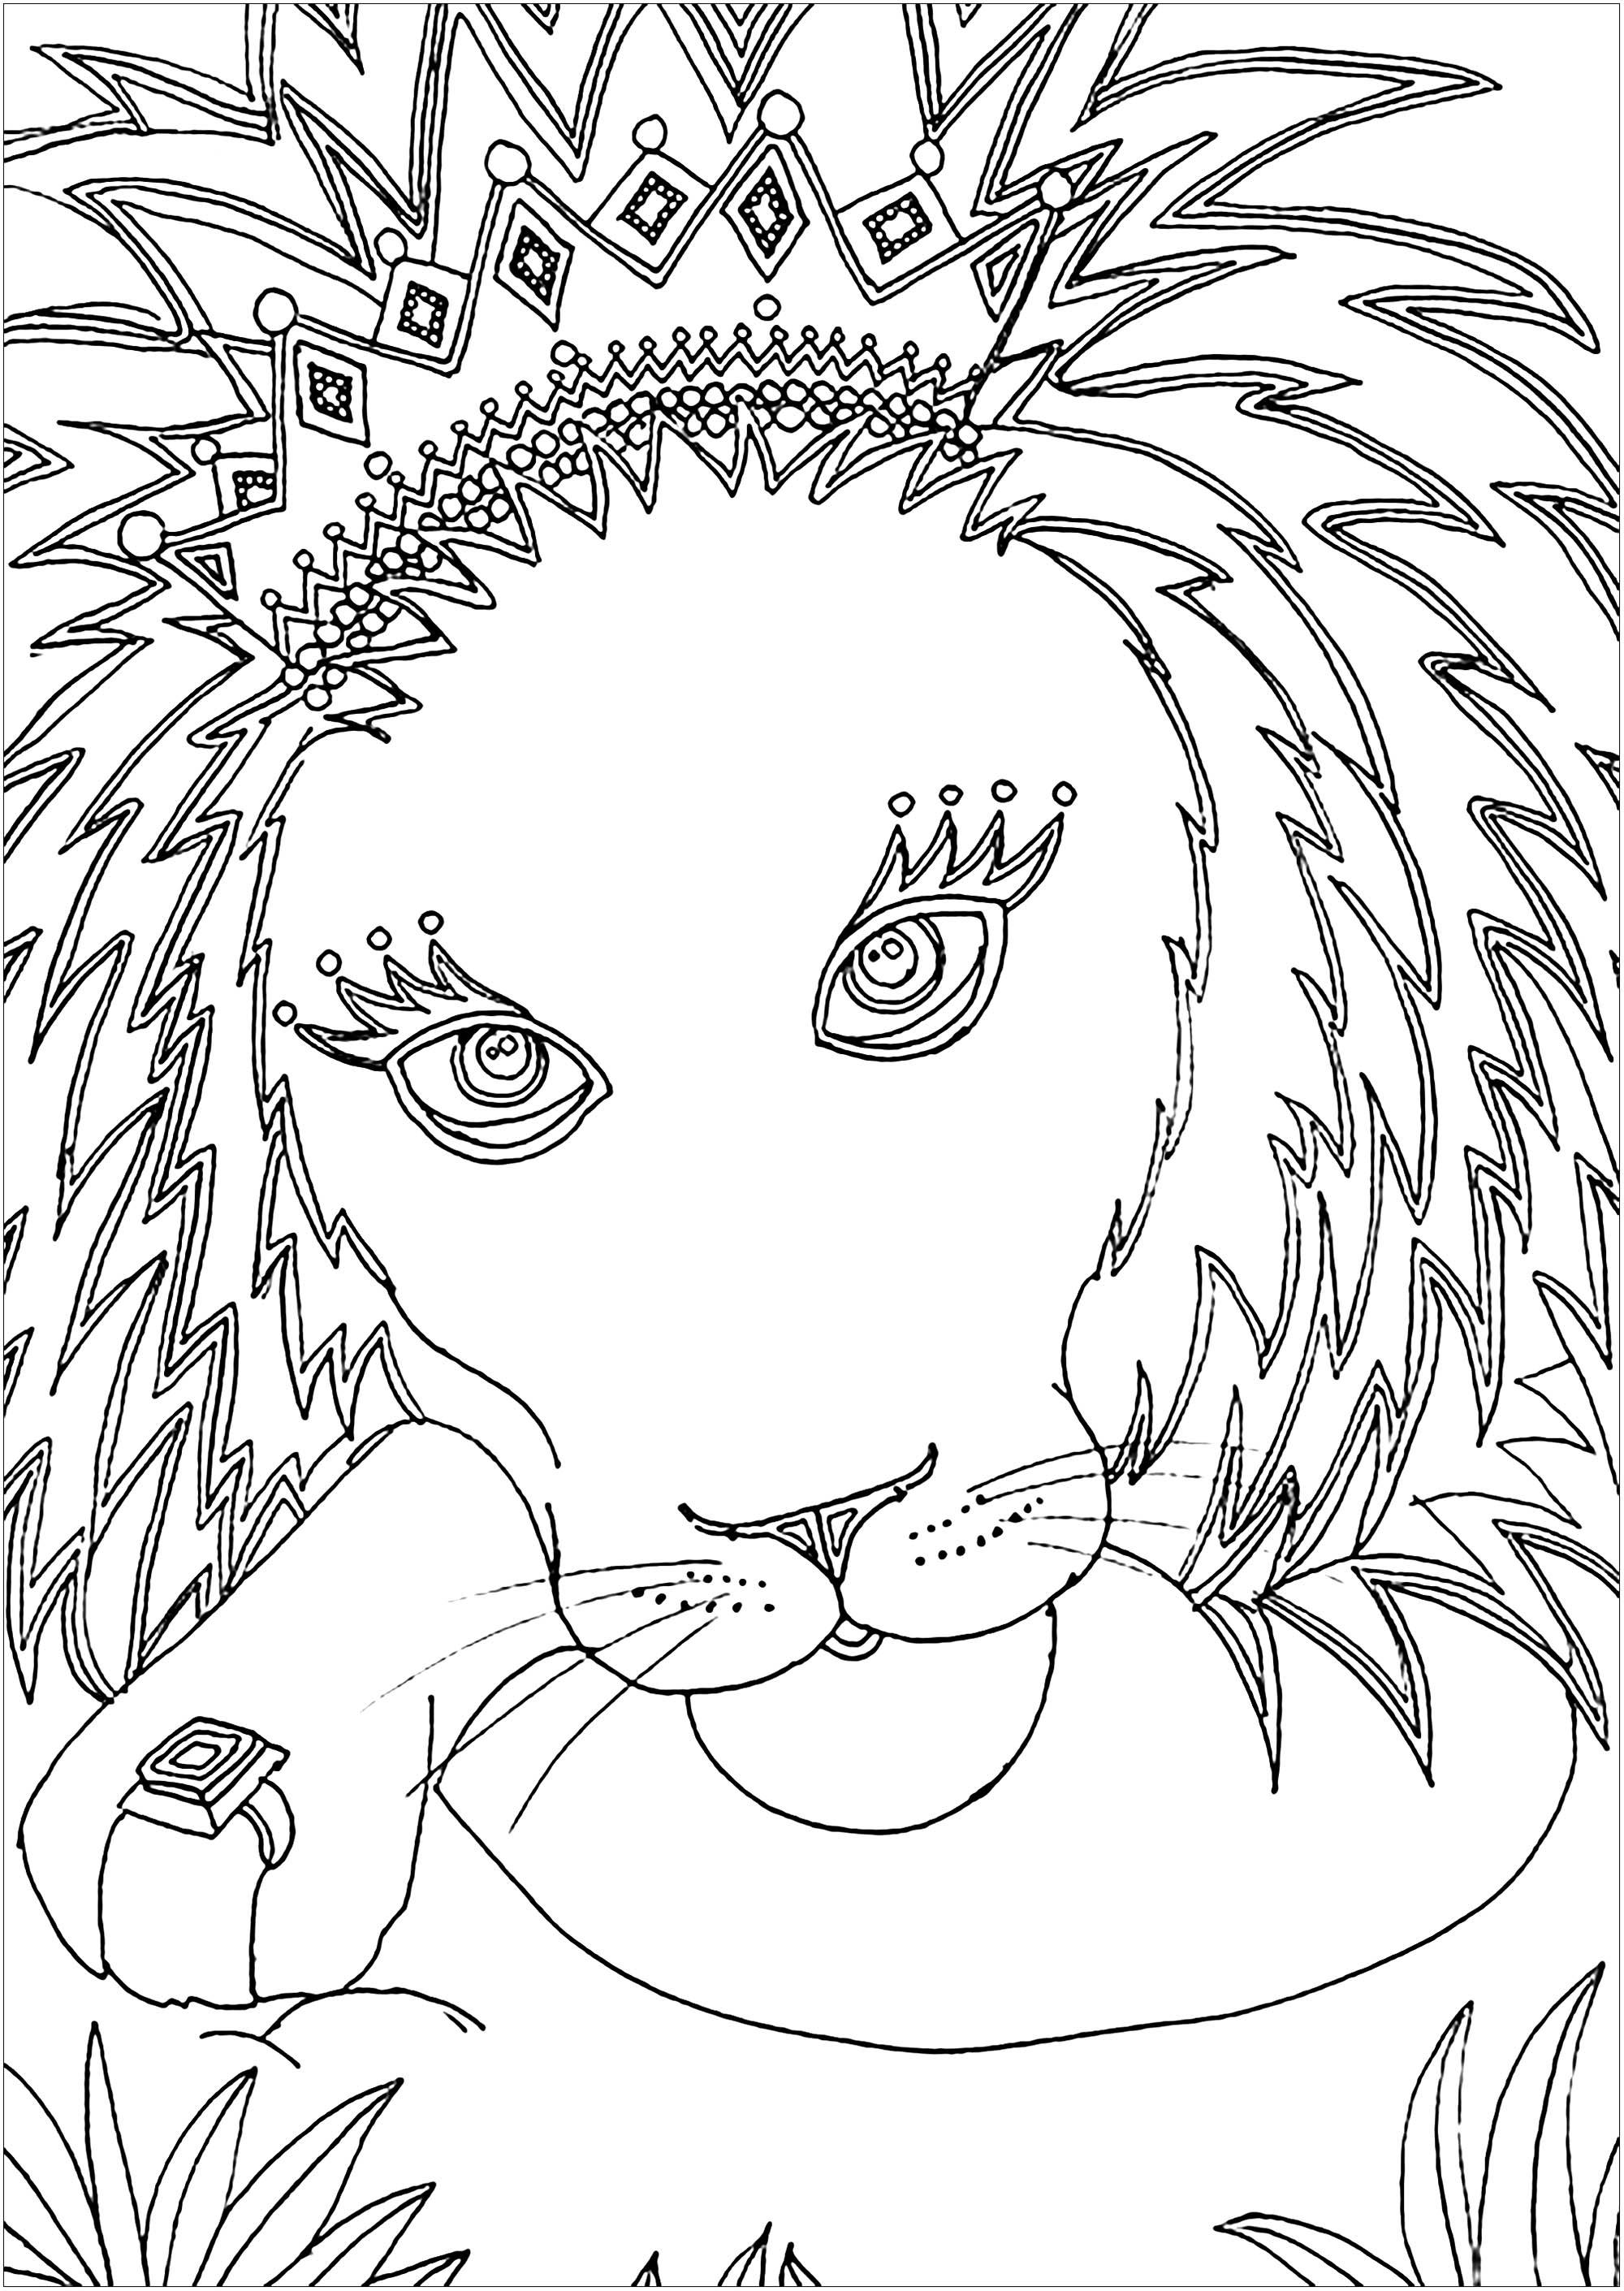 Disegni da Colorare per Adulti : Lions - 1